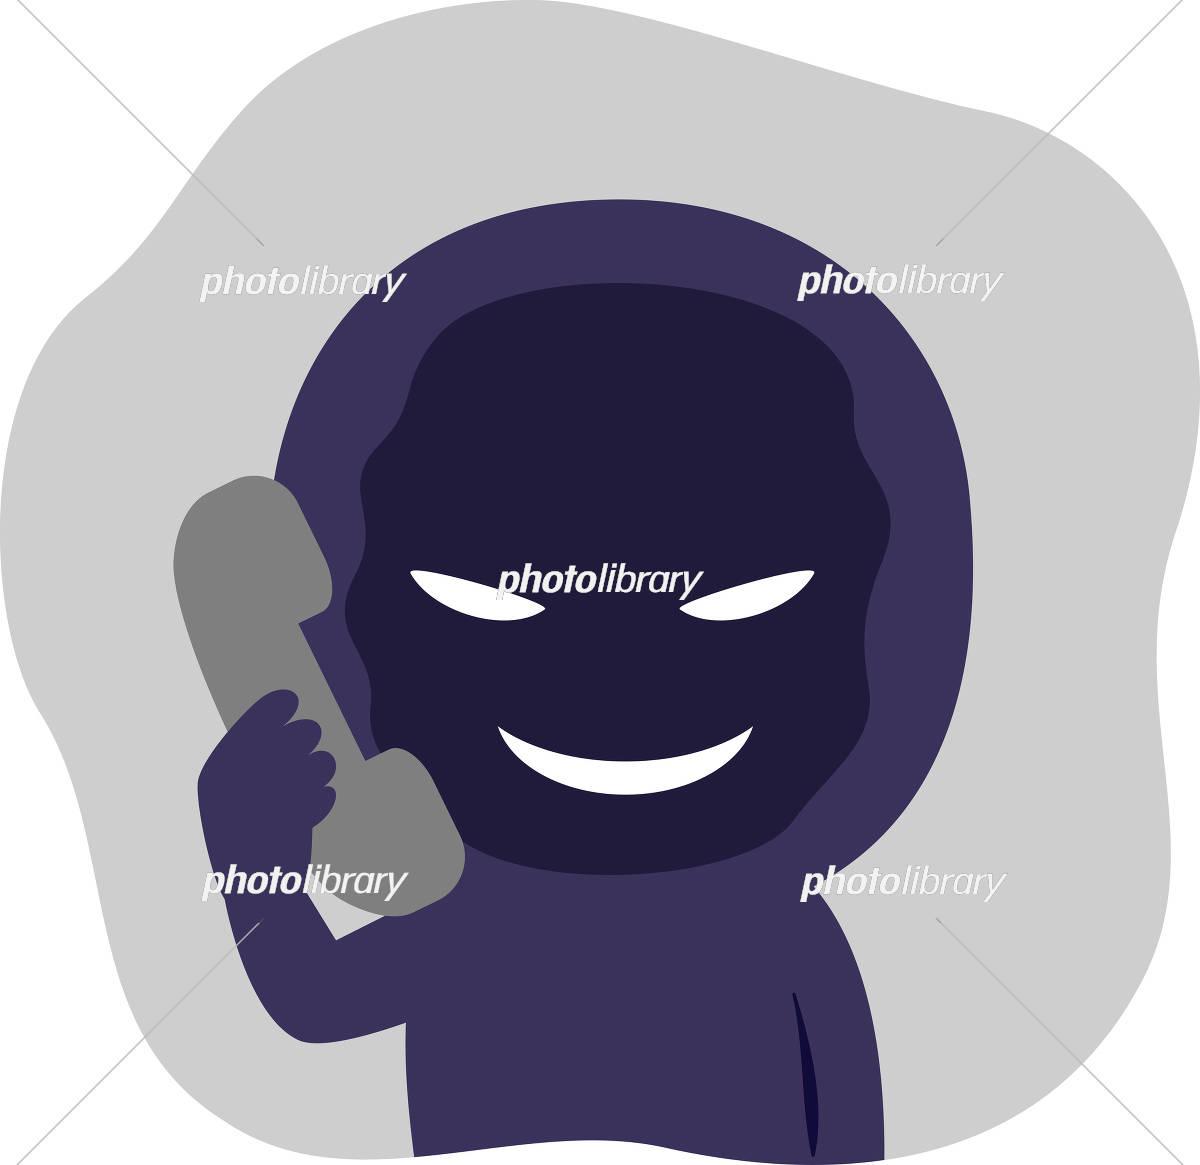 電話口でしゃべる不審人物 イラスト素材 5379314 フォトライブ